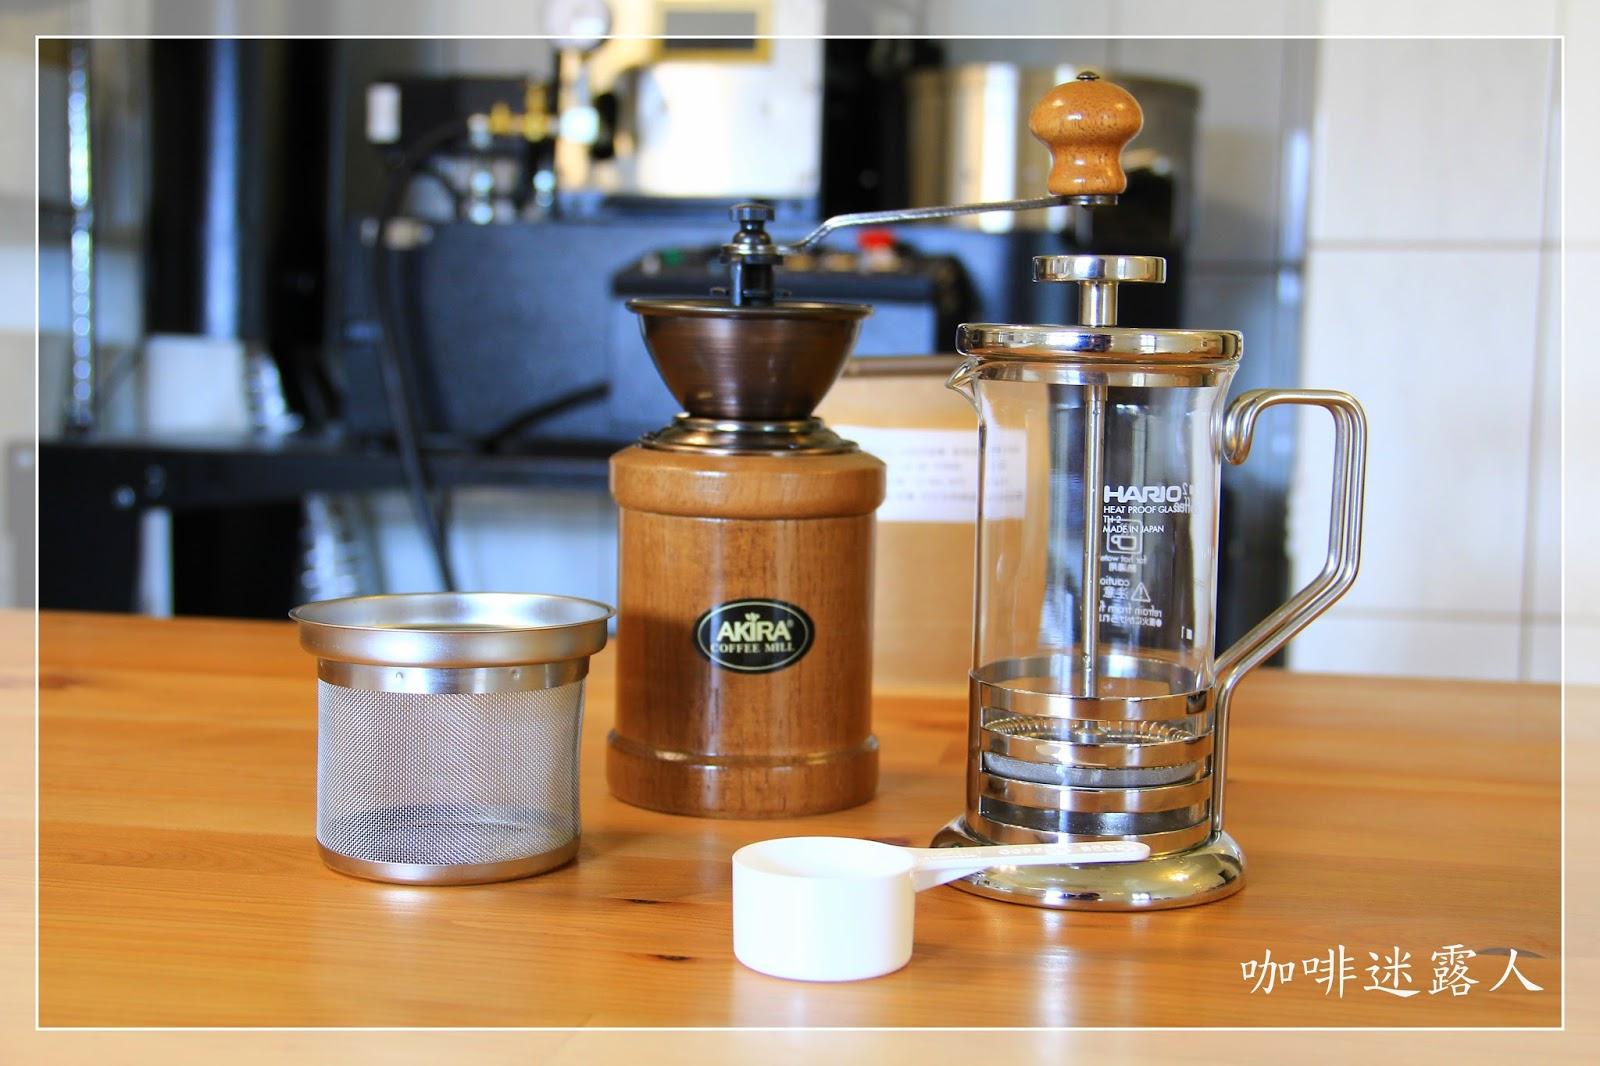 咖啡迷露人: 法式濾壓壺